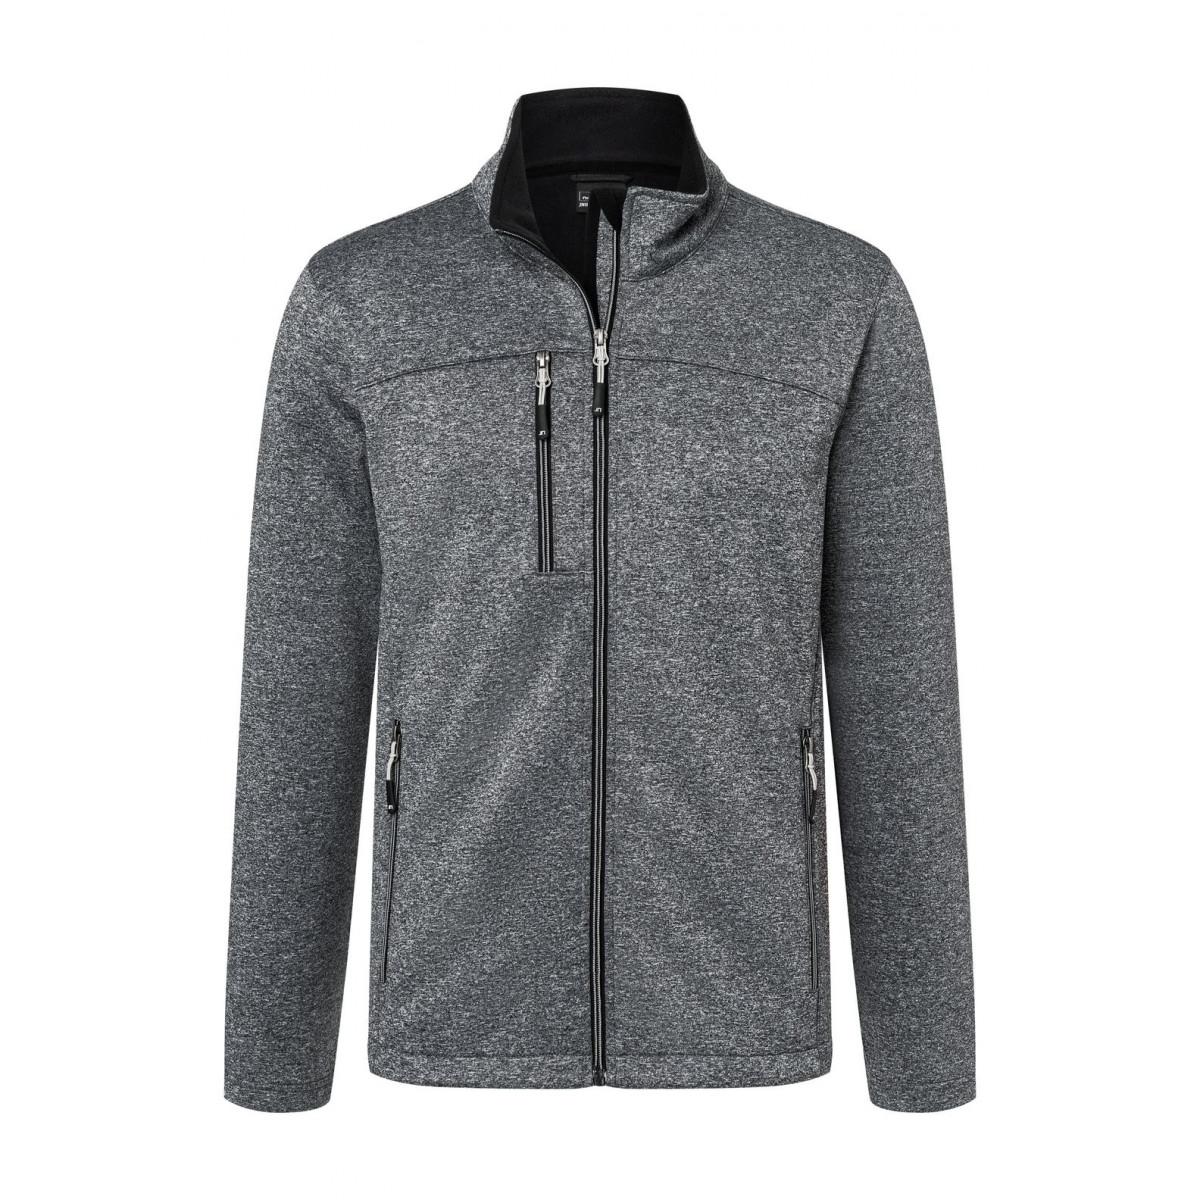 Куртка мужская JN1148 Mens Softshell Jacket - Темно-серый меланж/Черный